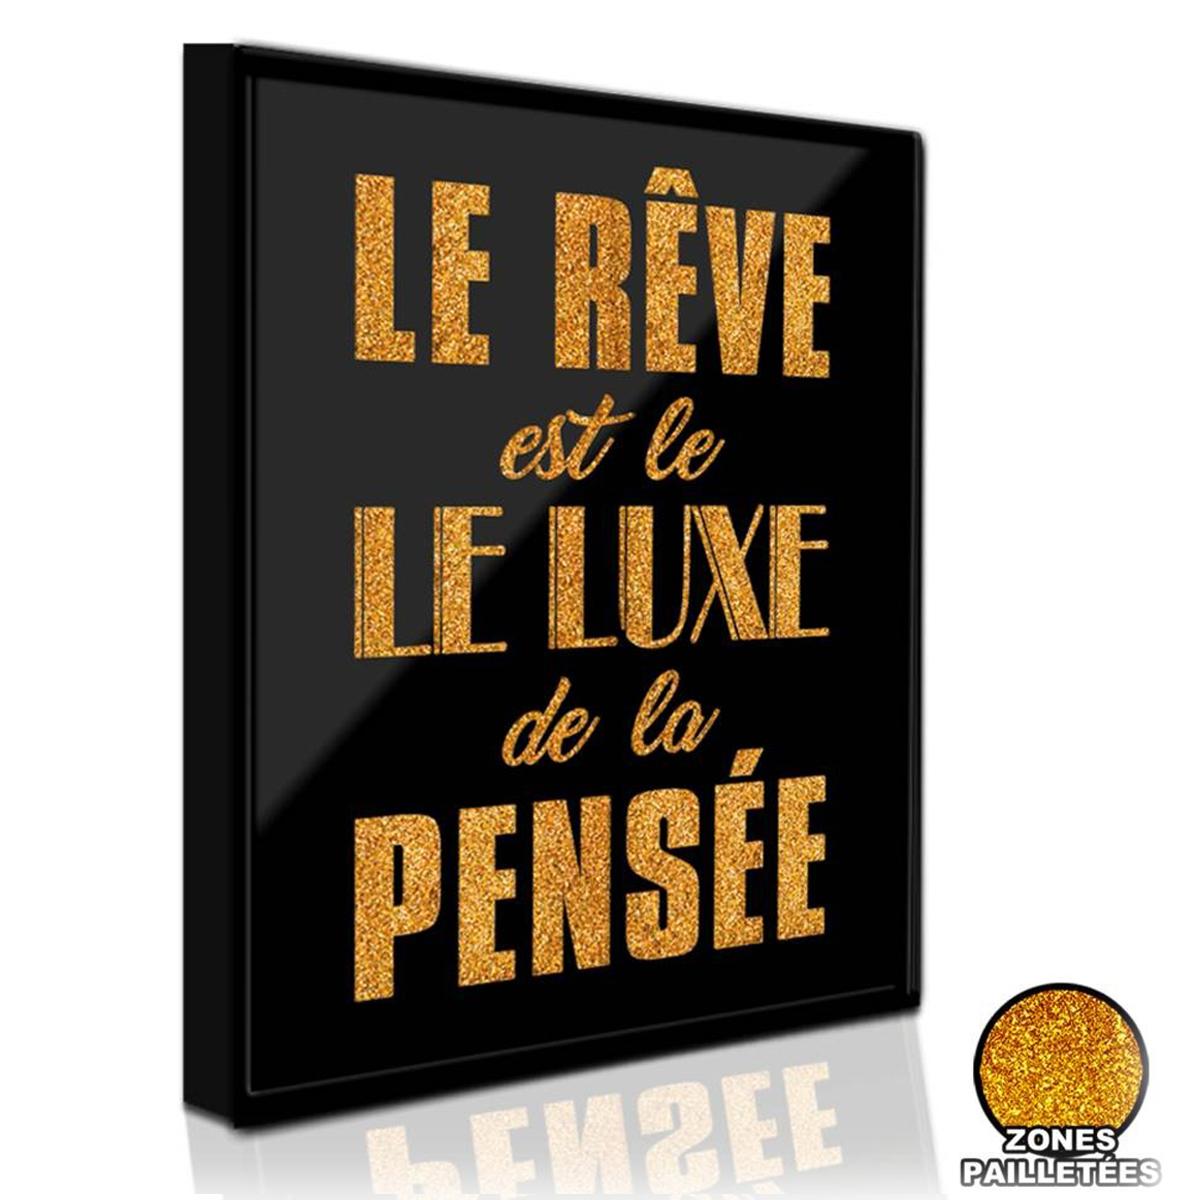 Les Trésors De Lily [P1400] - Cadre paillette \'Messages\' (Le Rêve est le Luxe de le Pensée) noir doré - 36x29 cm… - [Q5896]